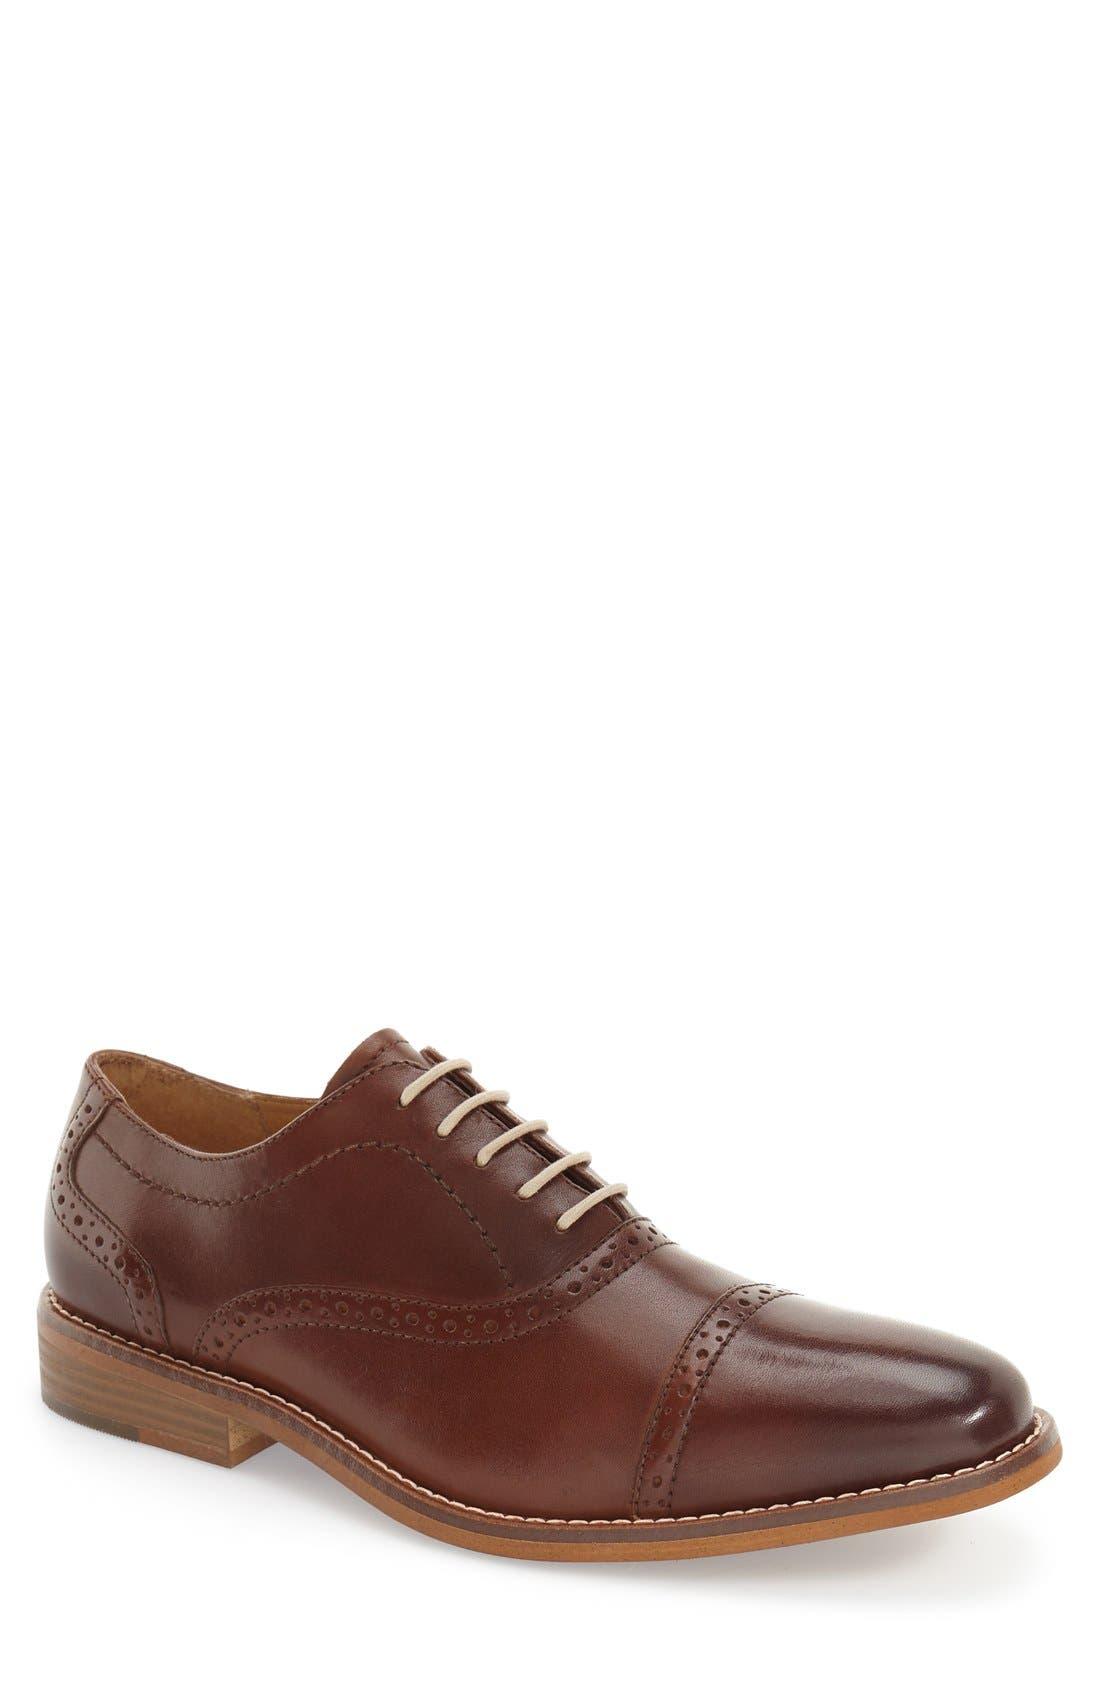 G.H. Bass & Co. 'Carnell' Cap Toe Oxford (Men)